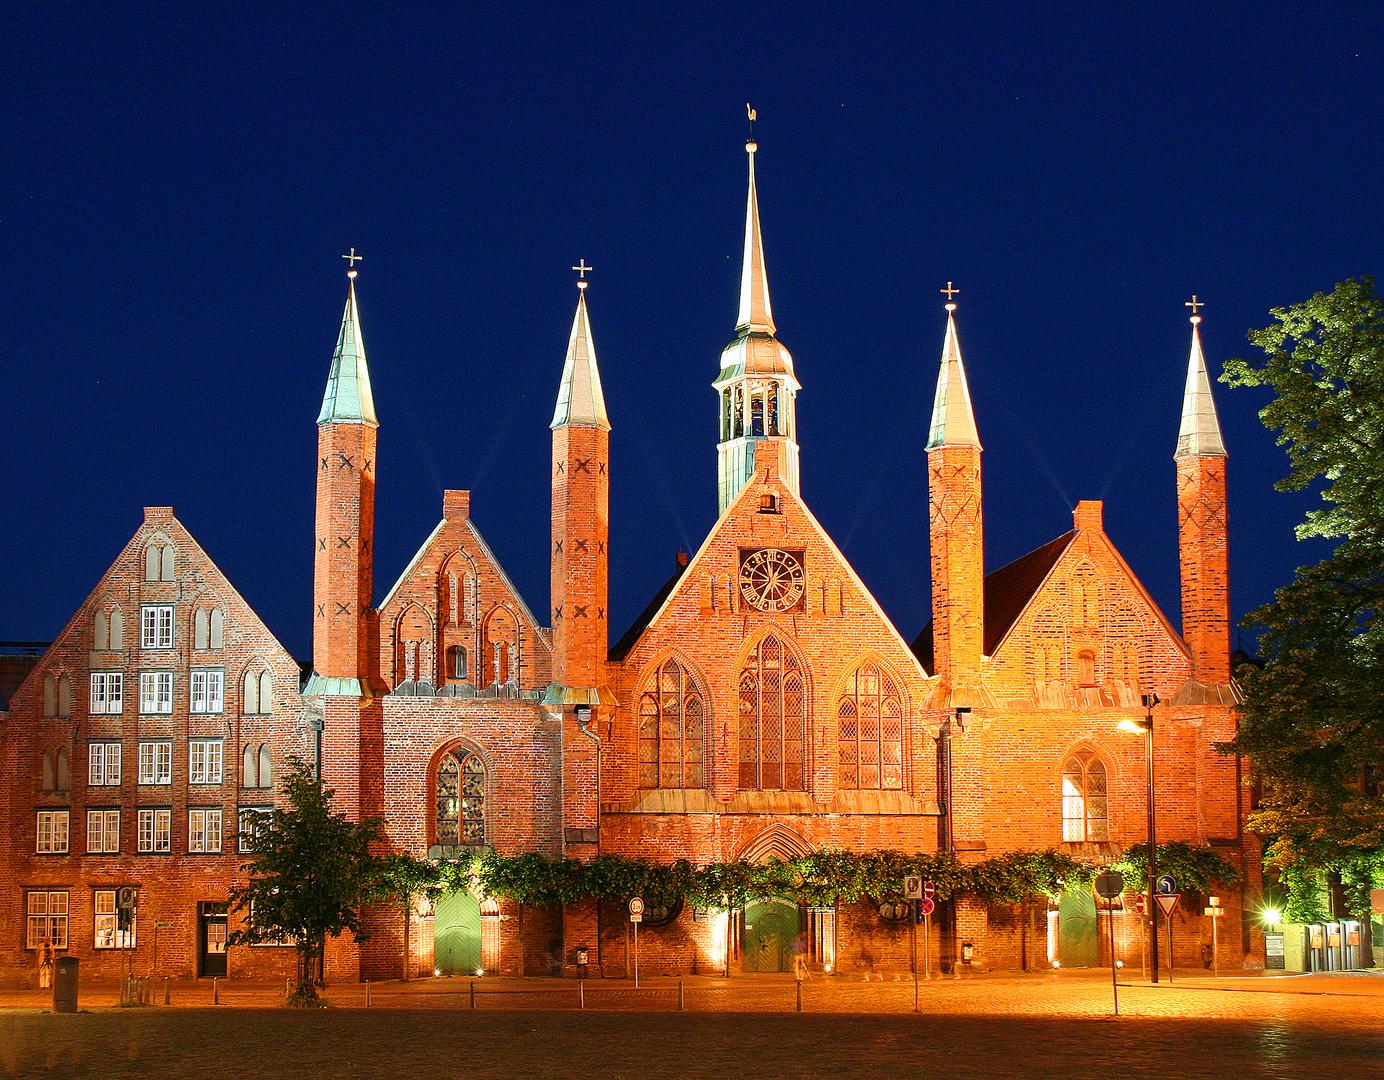 Heiligen-Geist-Hospital Alte Postkarte Hansestadt Lübeck